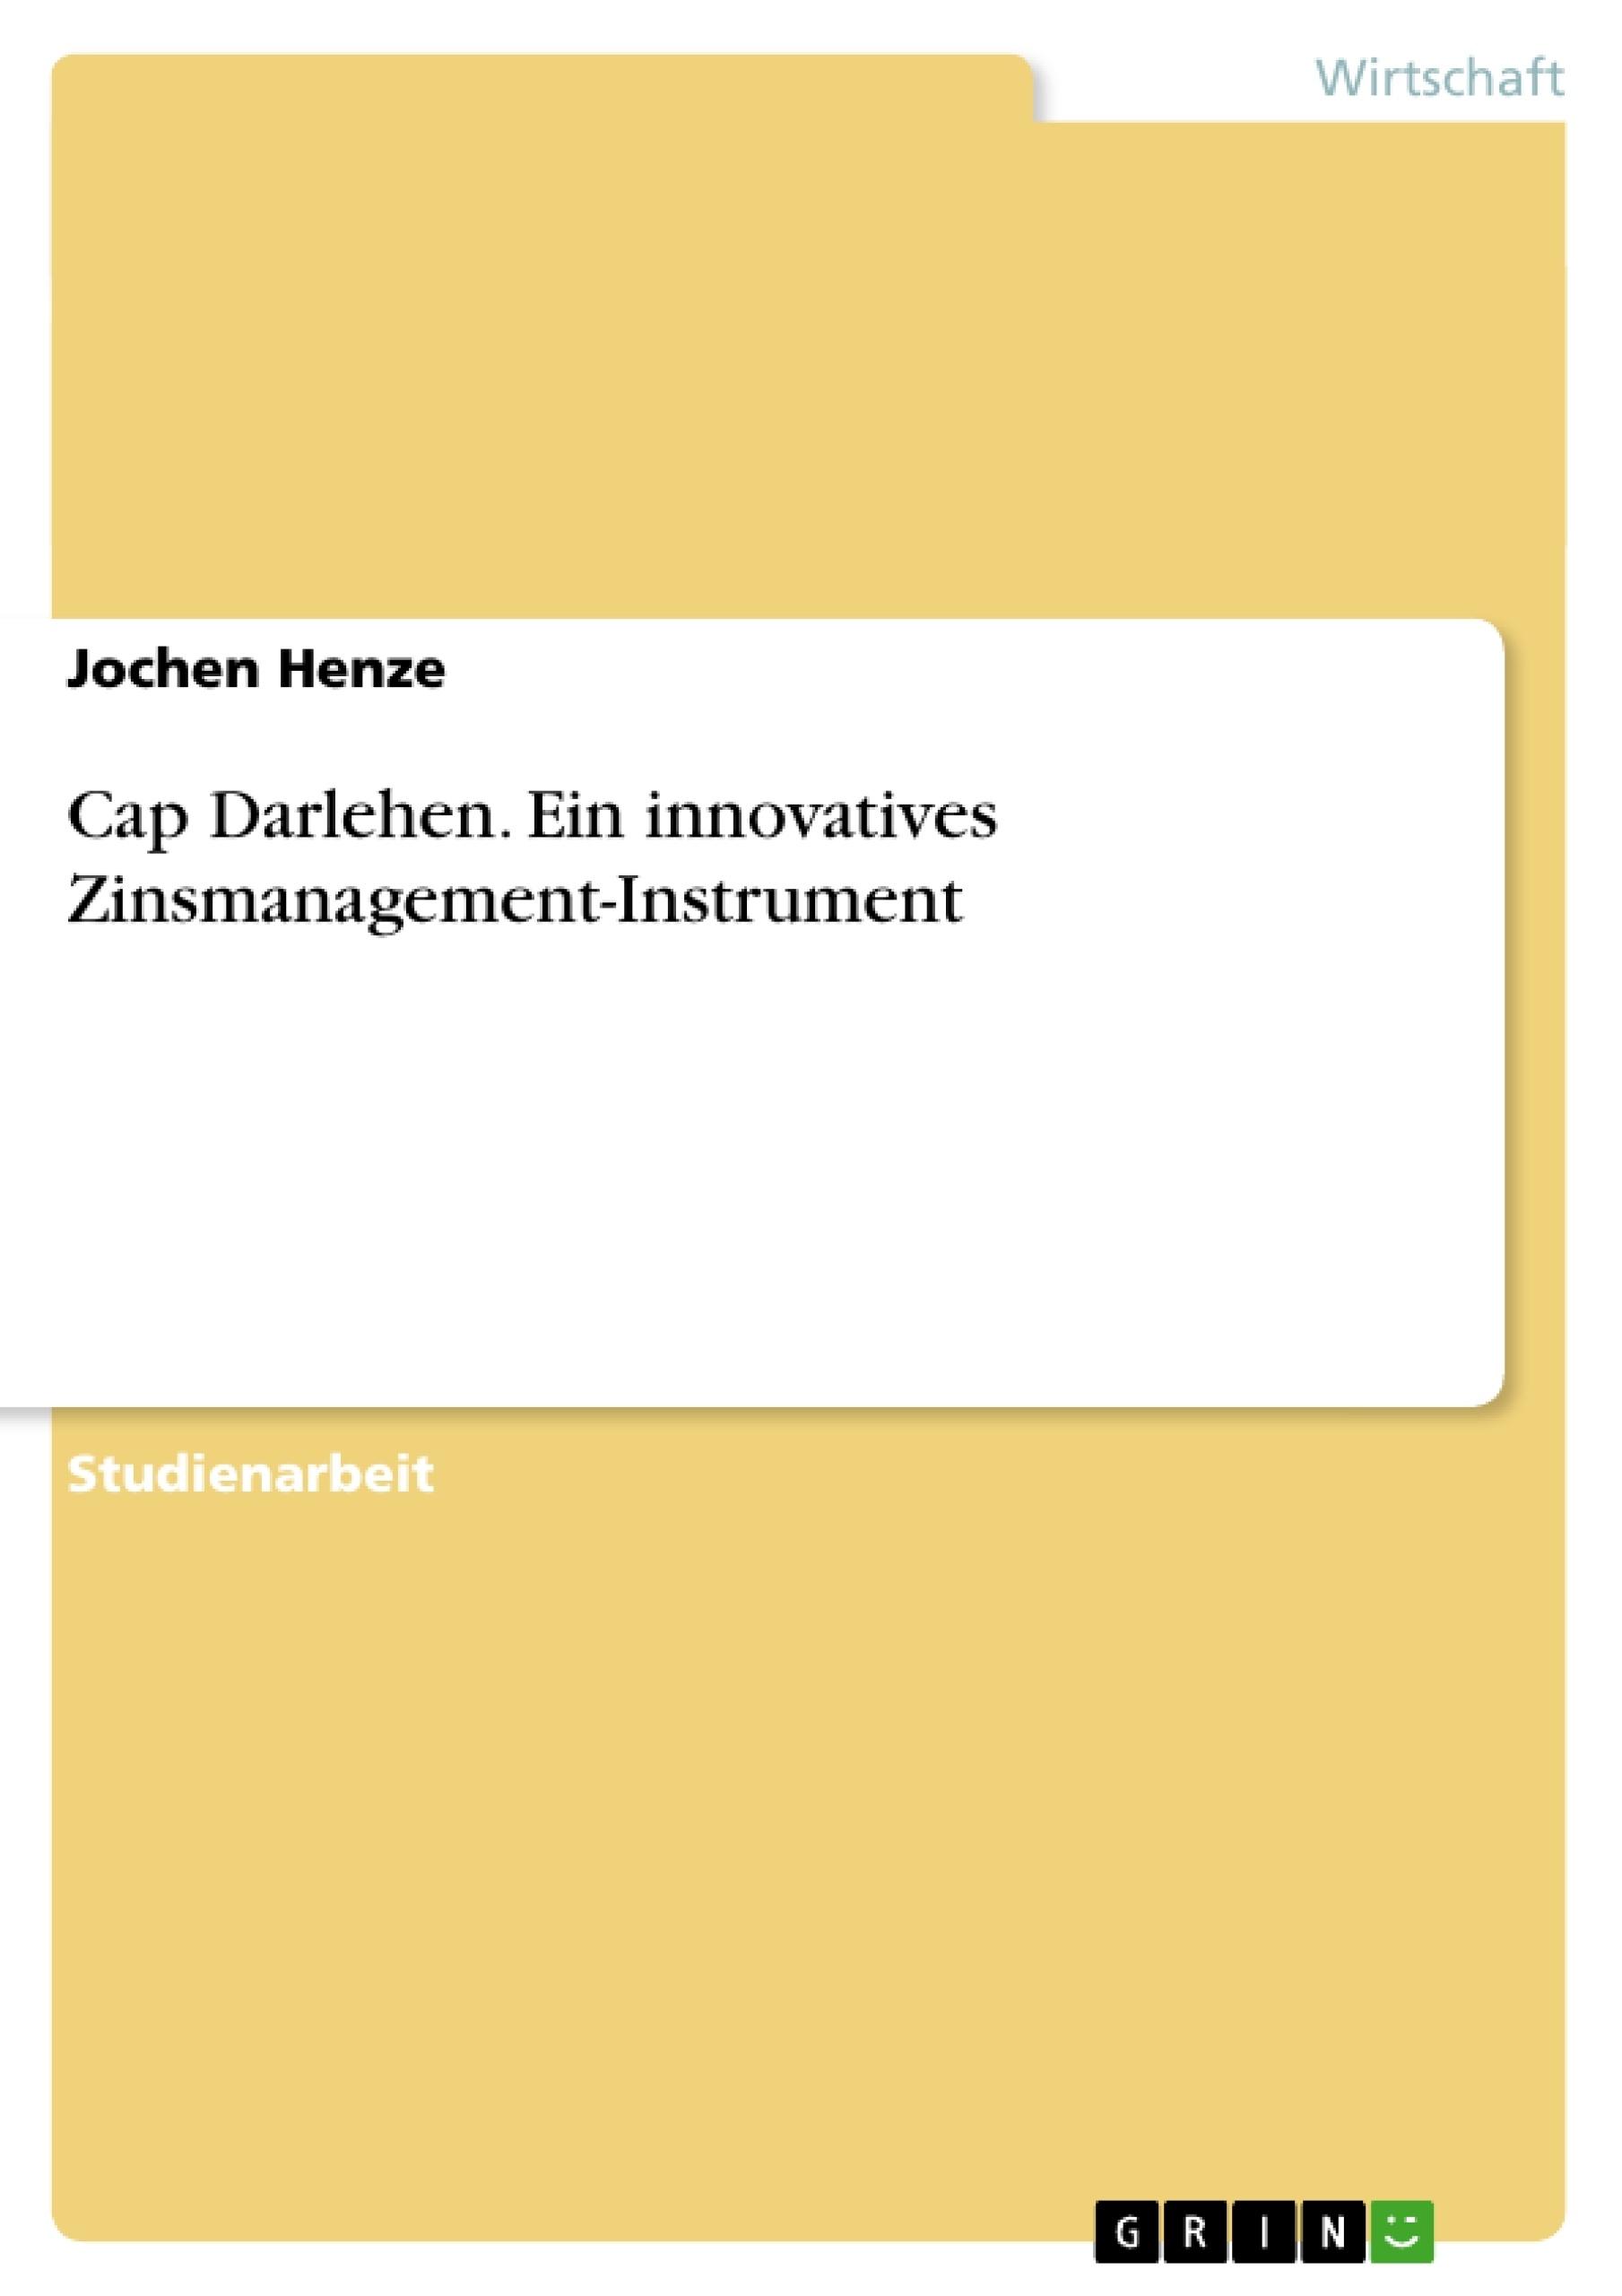 Titel: Cap Darlehen. Ein innovatives Zinsmanagement-Instrument